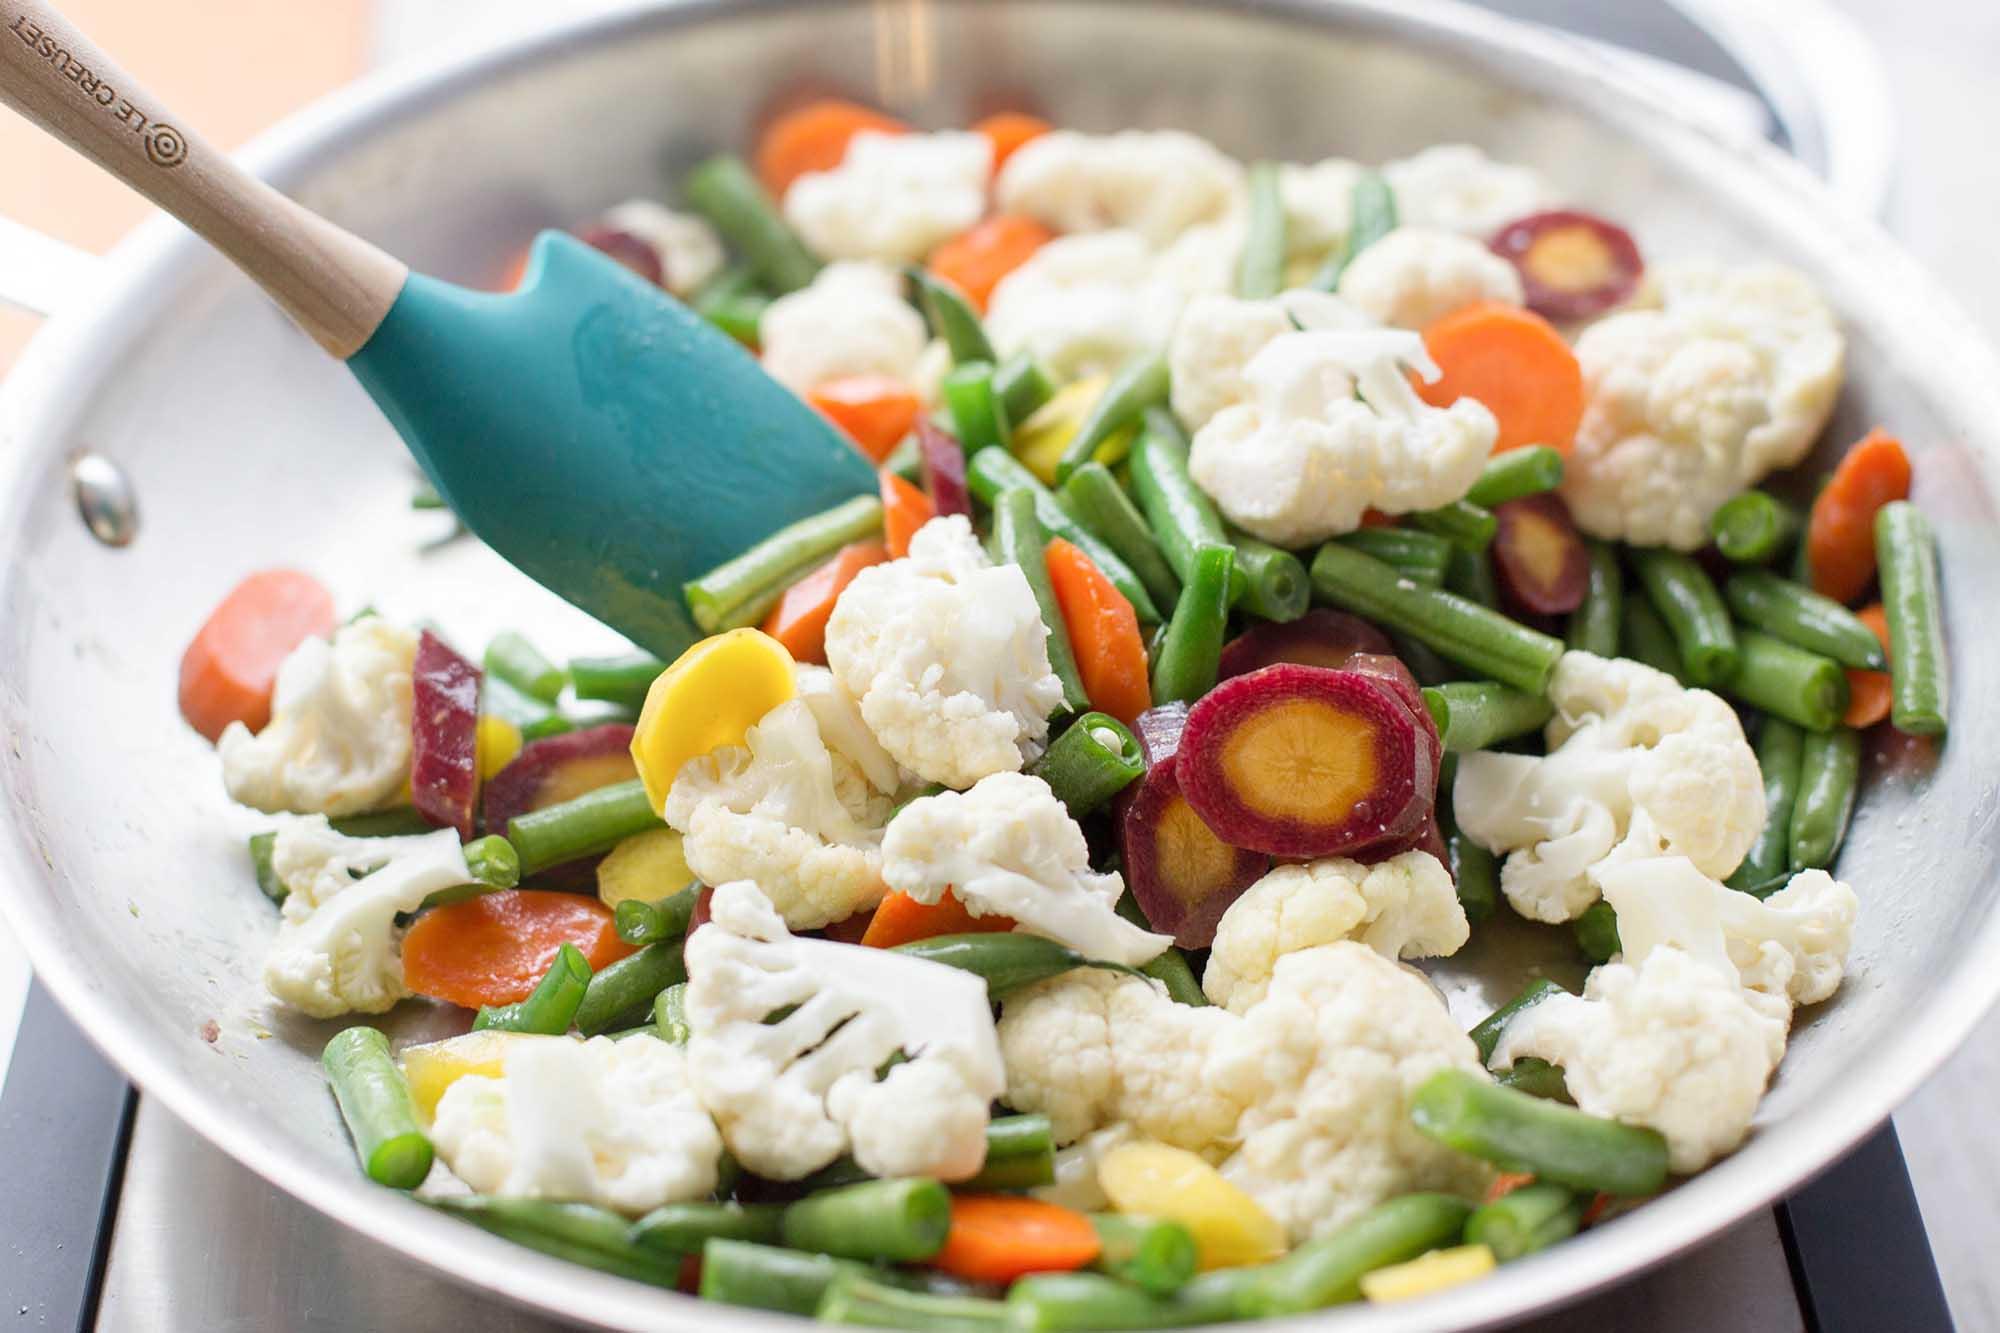 Frying wet vegetables